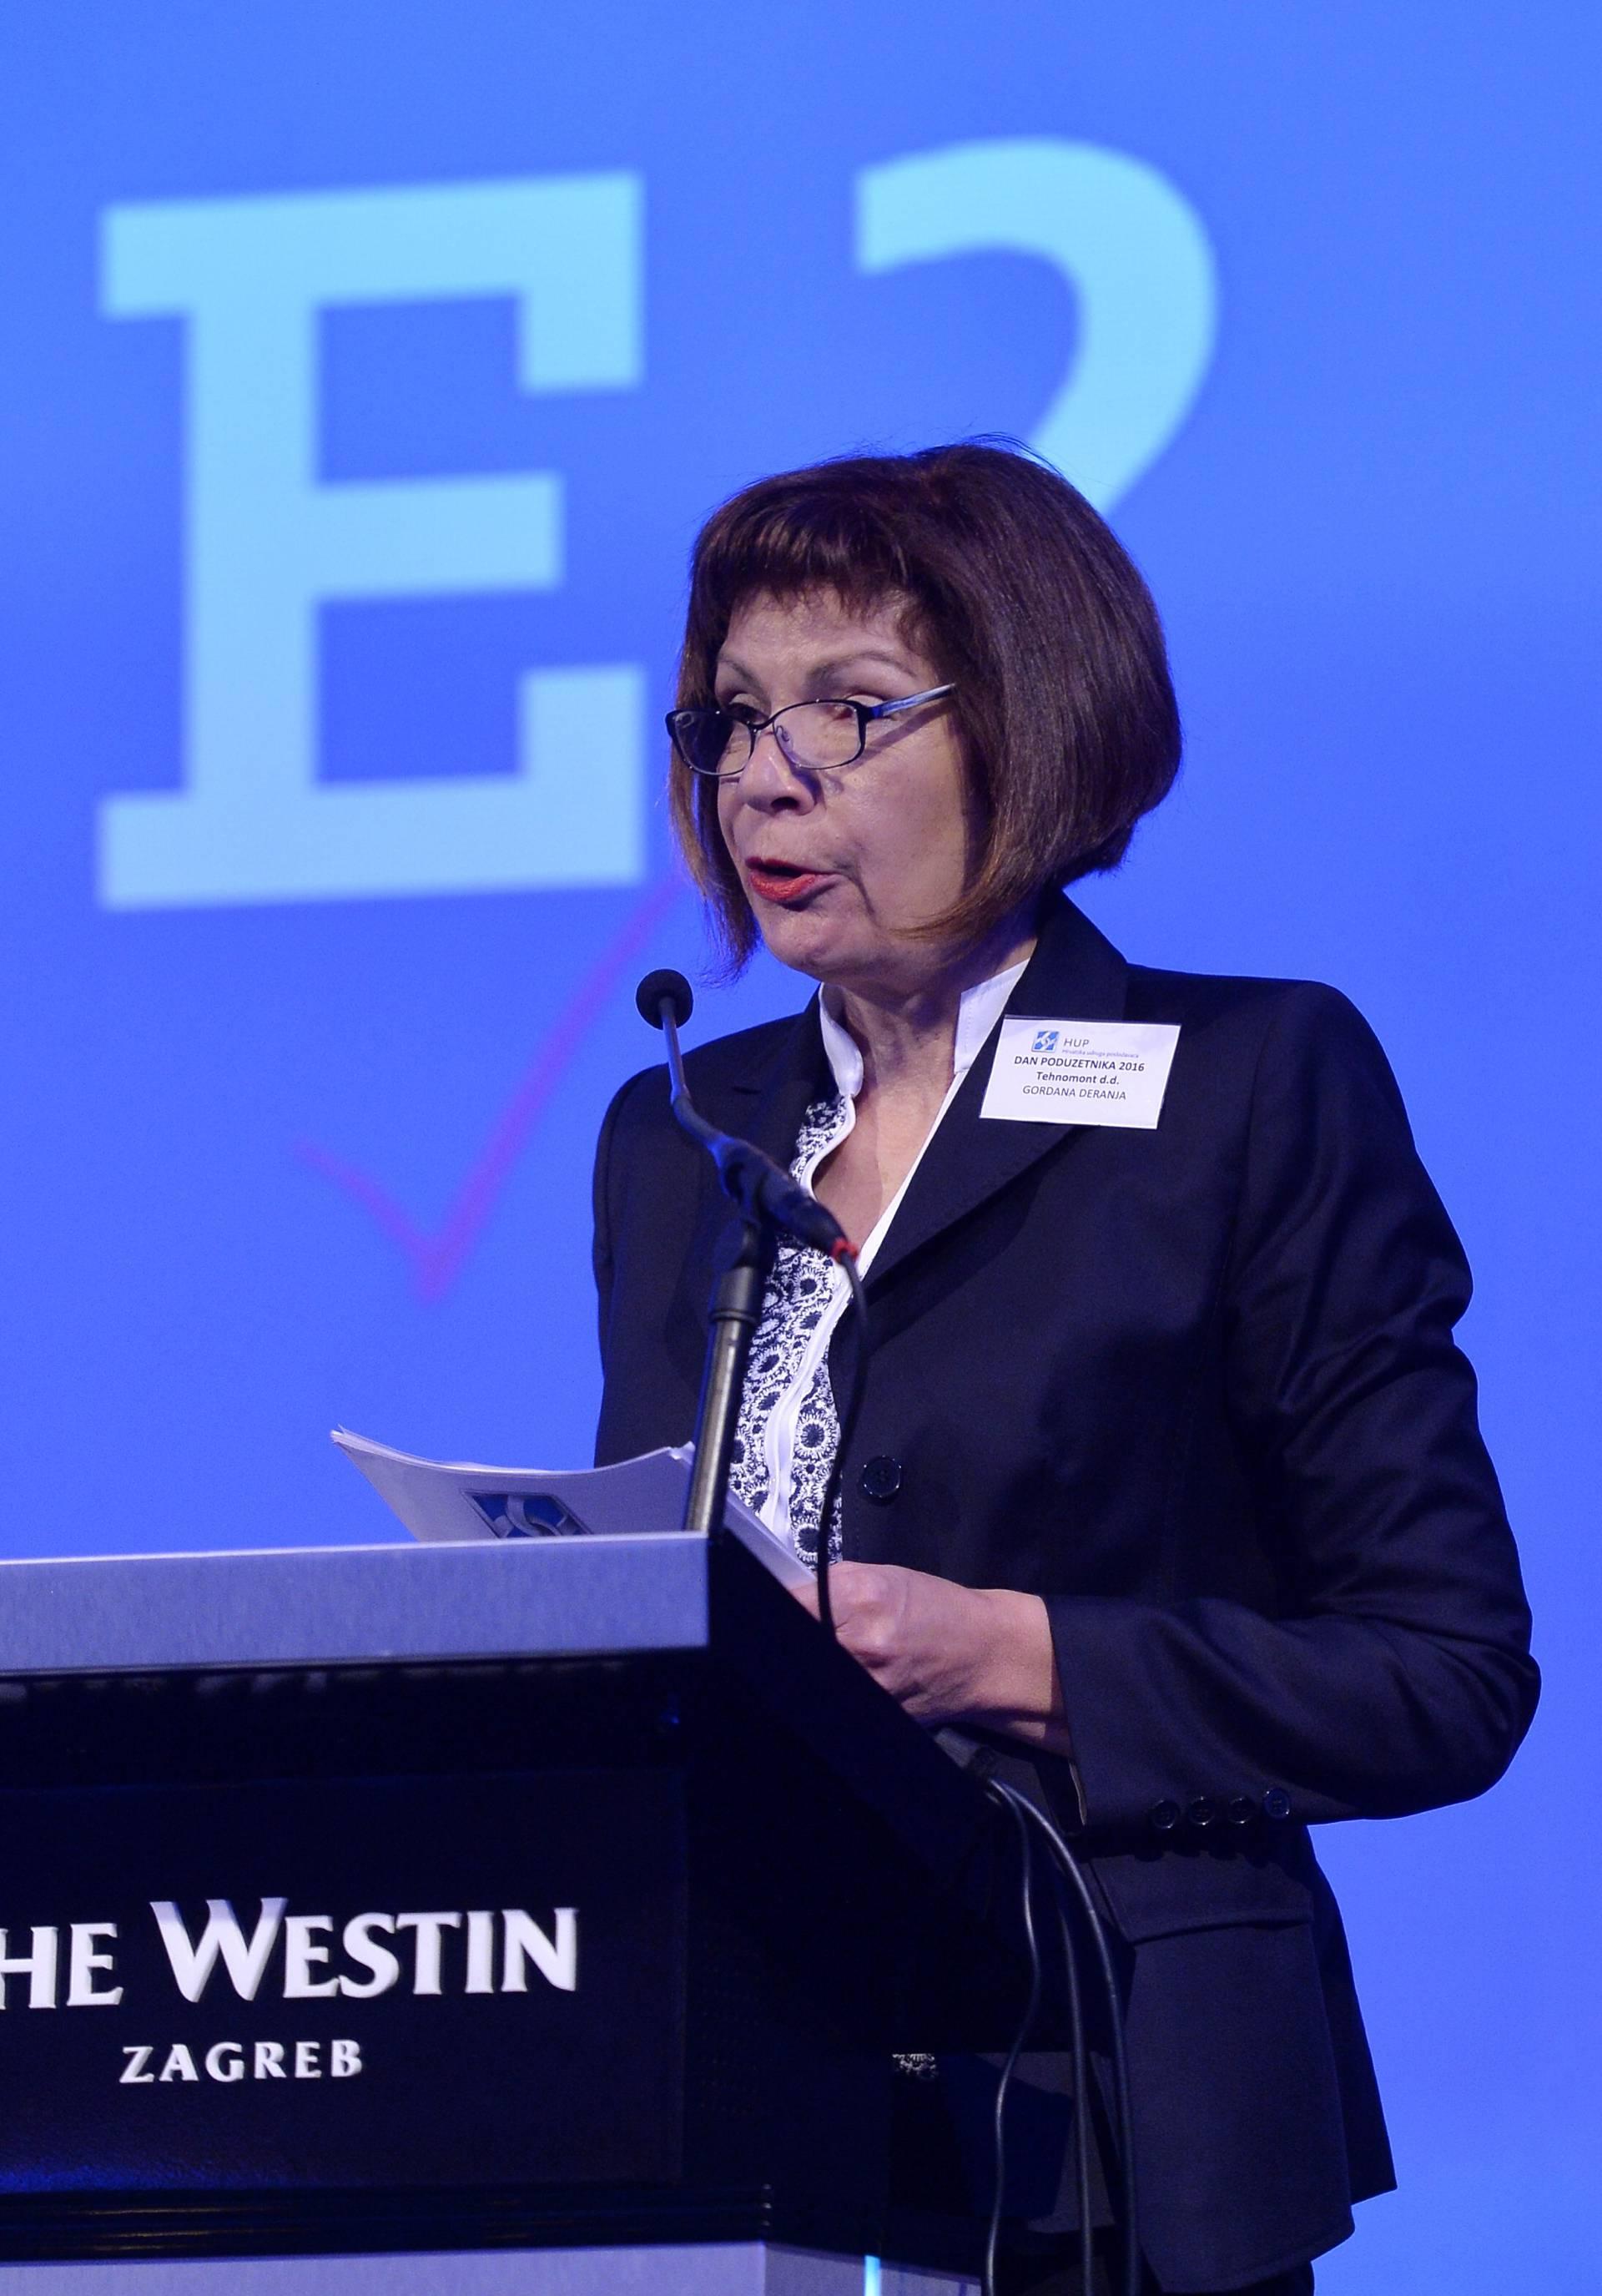 Predsjednica HUP-a: Tražimo stabilizaciju, pa bili to i izbori